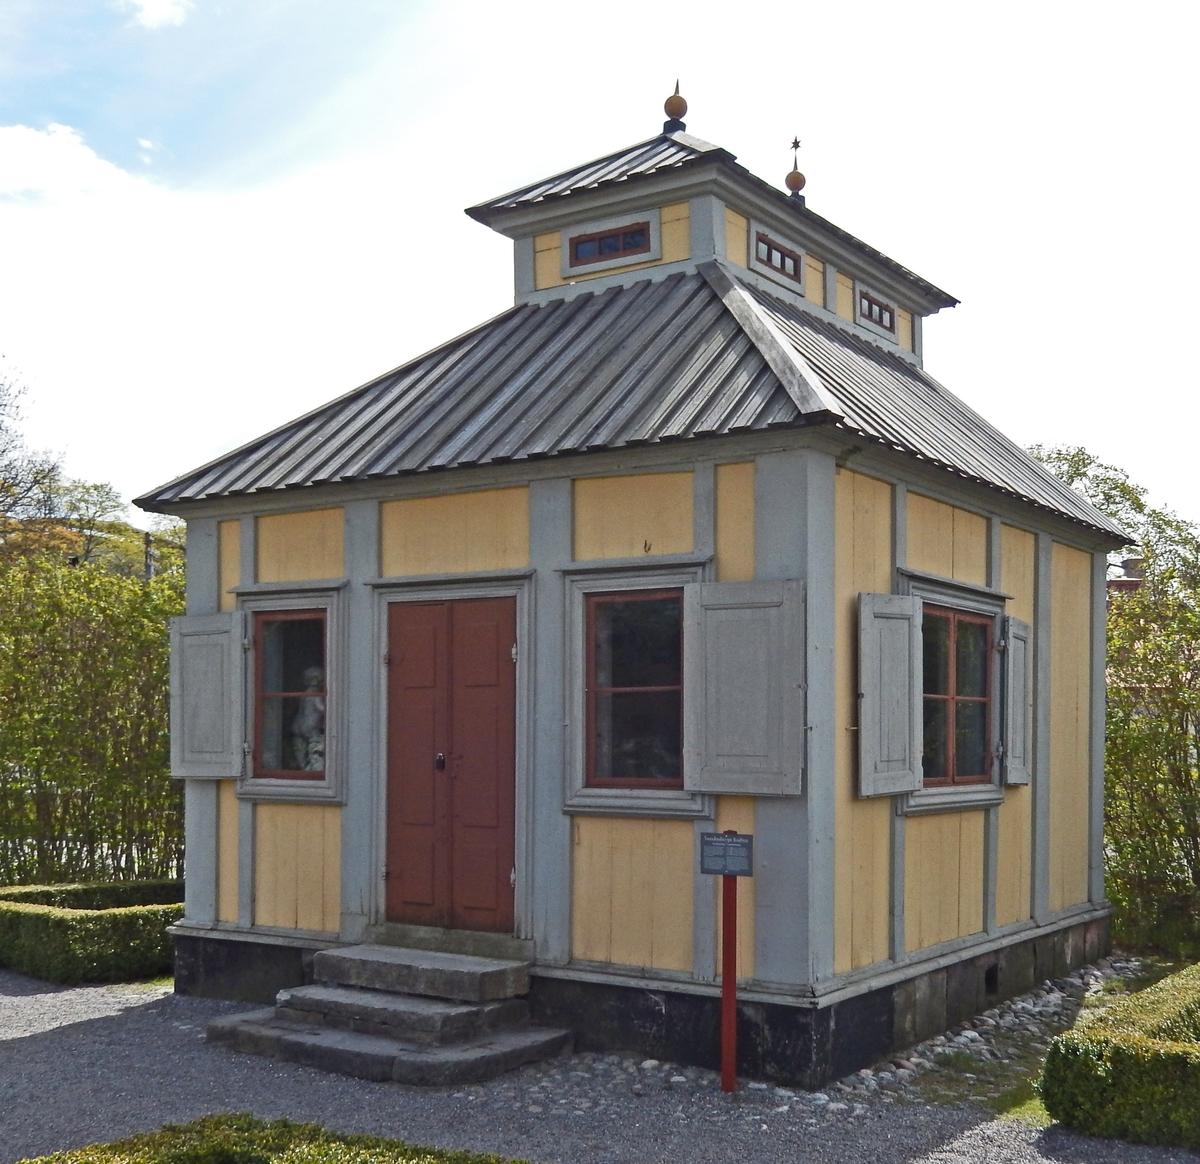 Swedenborgs lusthus i Rosengården på Skansen är en liten timrad byggnad klädd med stående slät panel, målad med gul linoljefärg. Snickerierna är målade med grå linoljefärg, dörrbladen och fönsterbågarna med brun. Brädtaket är ett säteritak med små fönster i den vertikala mellandelen. Byggnaden stod på sin ursprungliga plats placerad vid tomtgränsen, därav den fönsterlösa baksidan.  Lusthuset är troligen uppfört före 1700-talets mitt och har stått i trädgården till den malmgård på Hornsgatan 41-45 på Södermalm i Stockholm som vetenskapsmannen och mystikern Emanuel Swedenborg ägde från 1743.  Byggnaden flyttades till Skansen 1896 och placerades då ungefär där Missionshuset idag ligger. 1964 flyttades lusthuset inom Skansen till den nyanlagda Rosengården, där den står än idag.